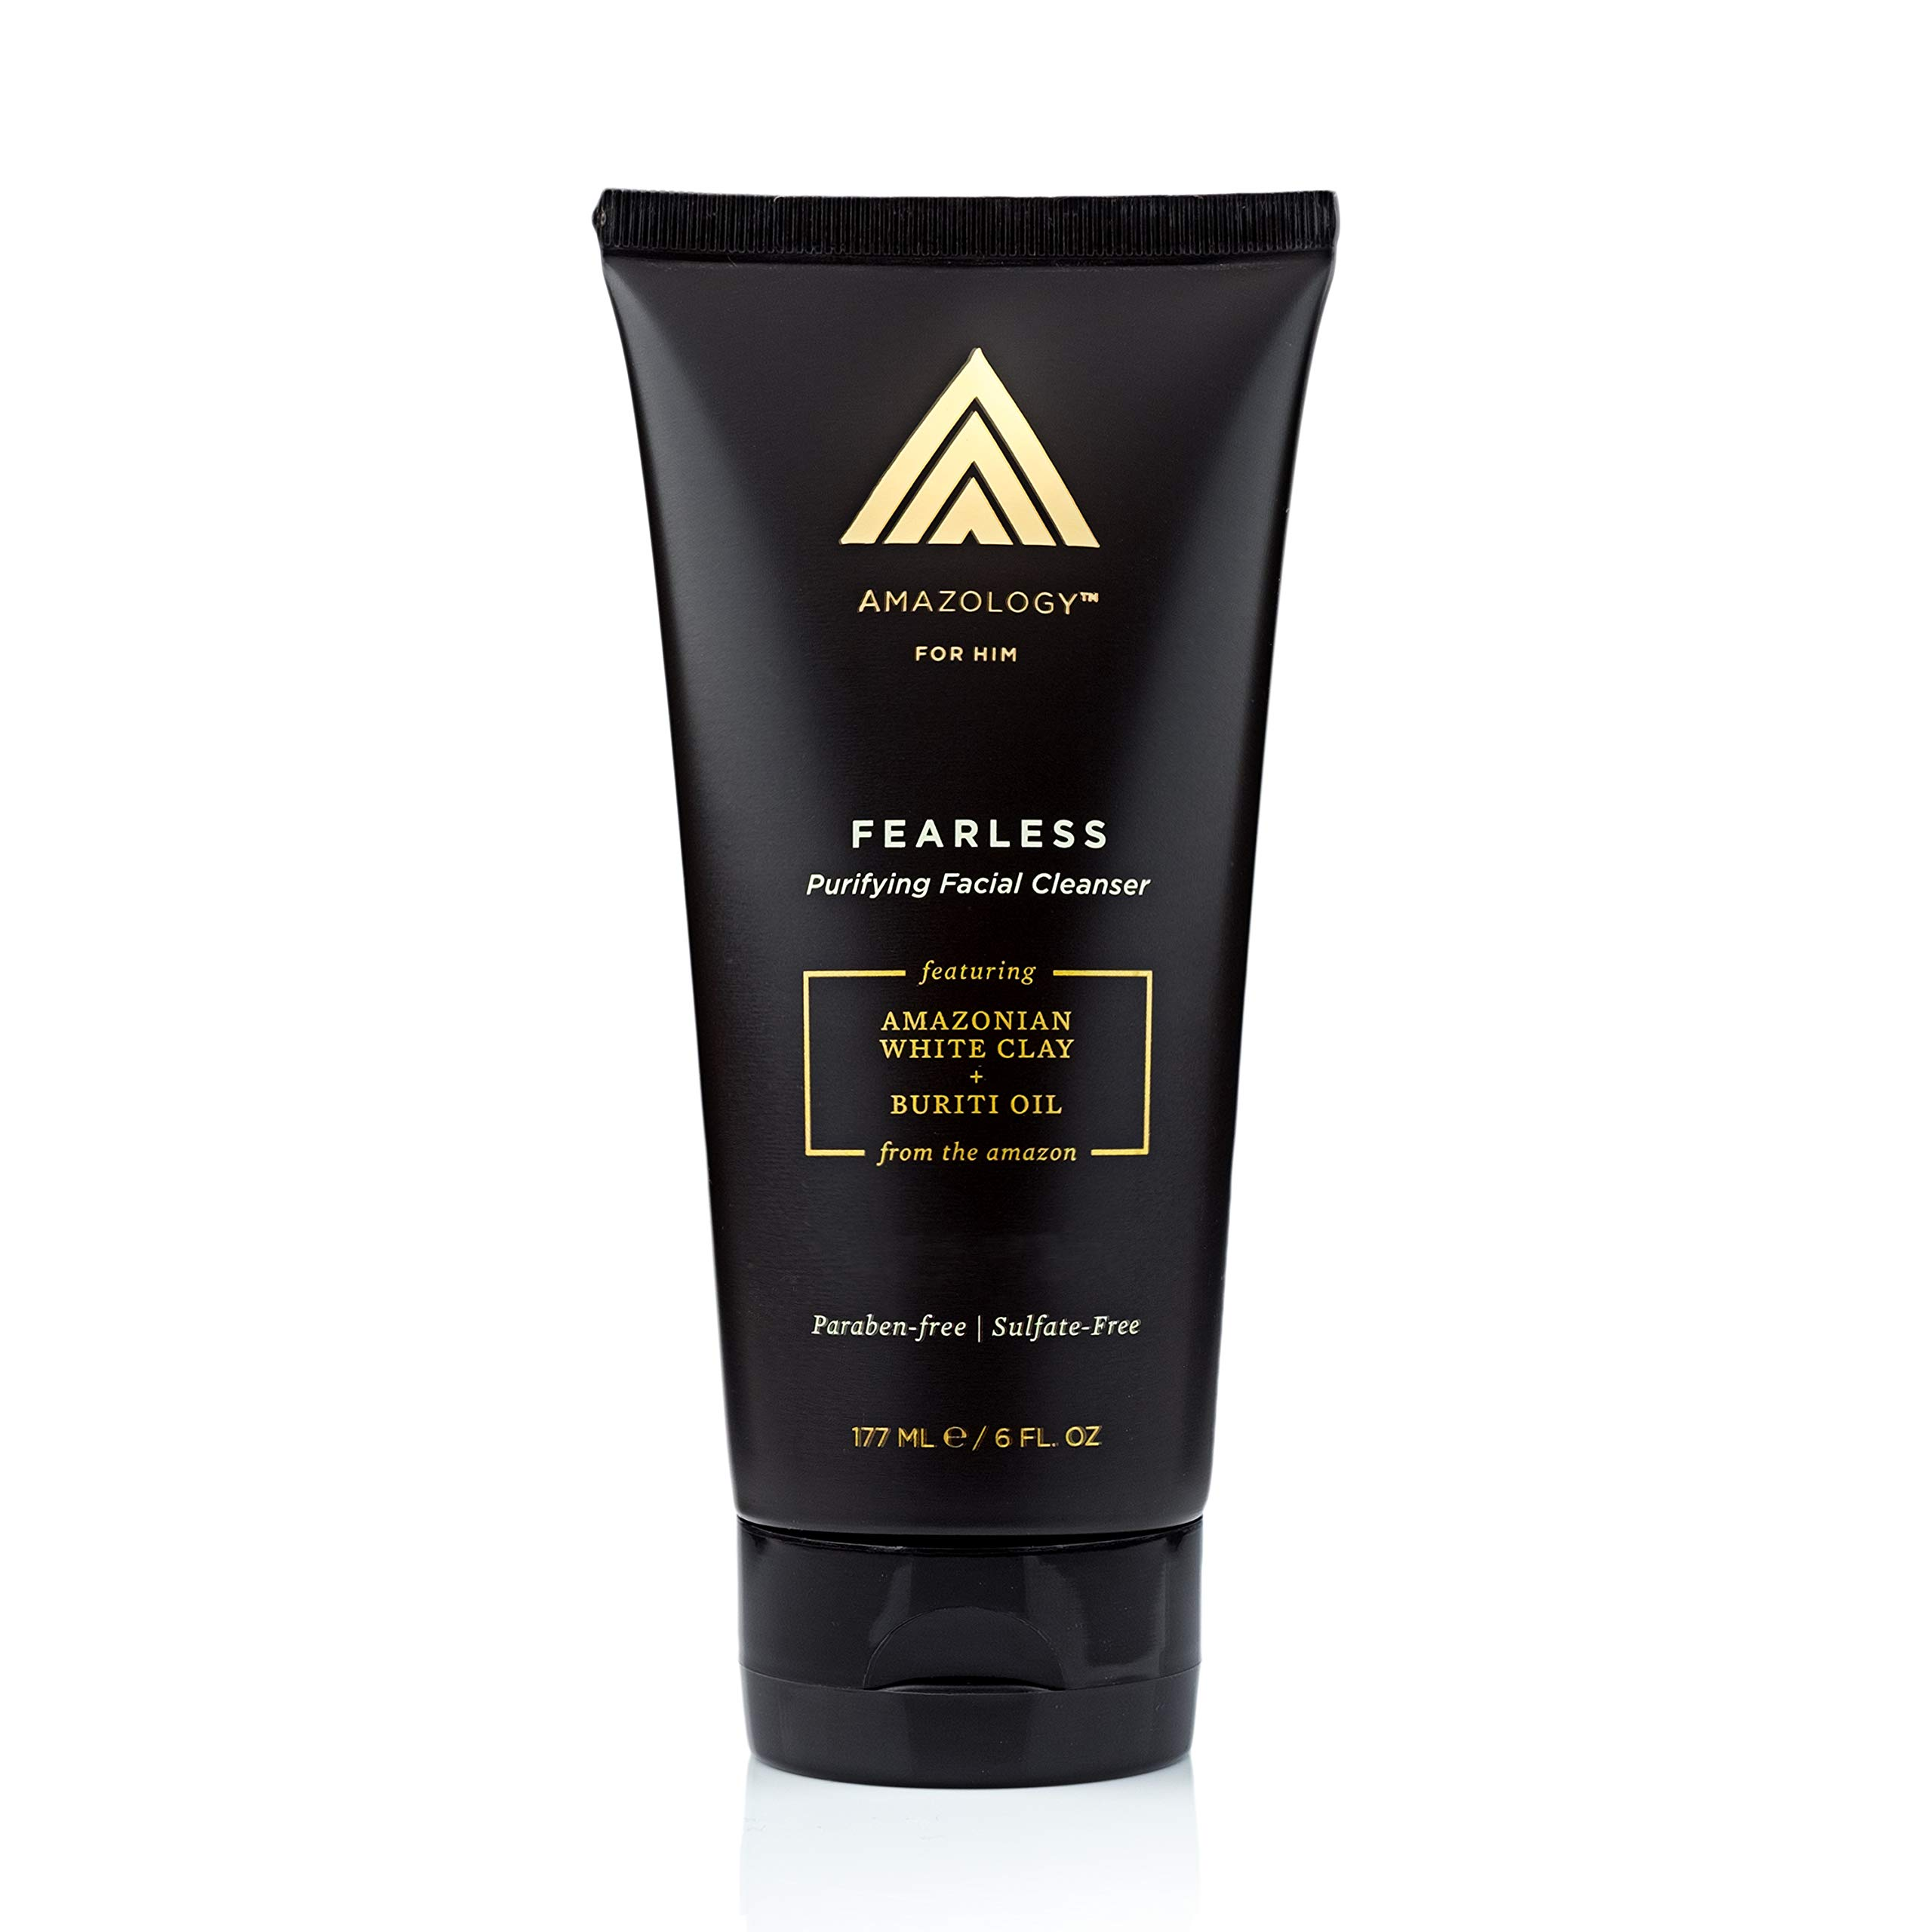 amazology reclaim mens anti-aging eye repair gel, 0.5 oz AcneFree Energizing Iced Orange & Mint Acne Face Wash & Scrub, 4.8 oz